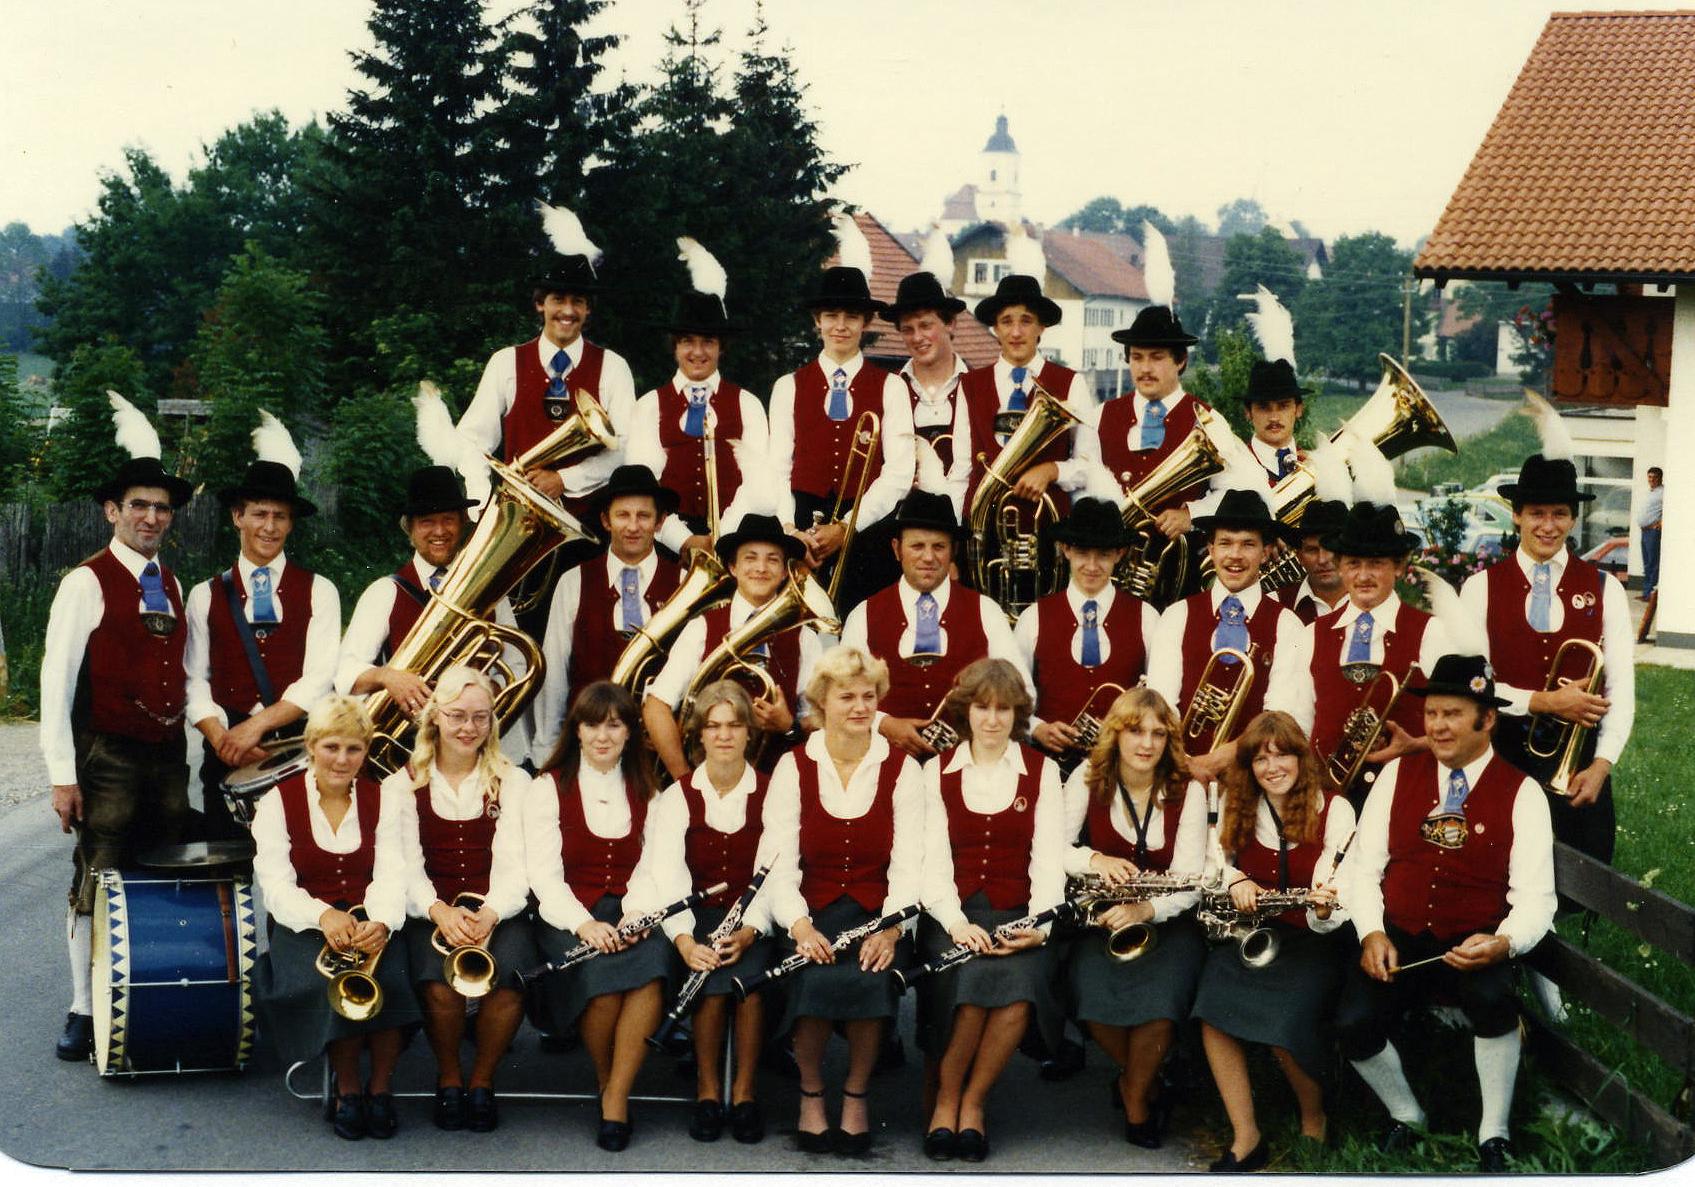 1982.06. - Musikkapelle Keltenstraße in Reichling